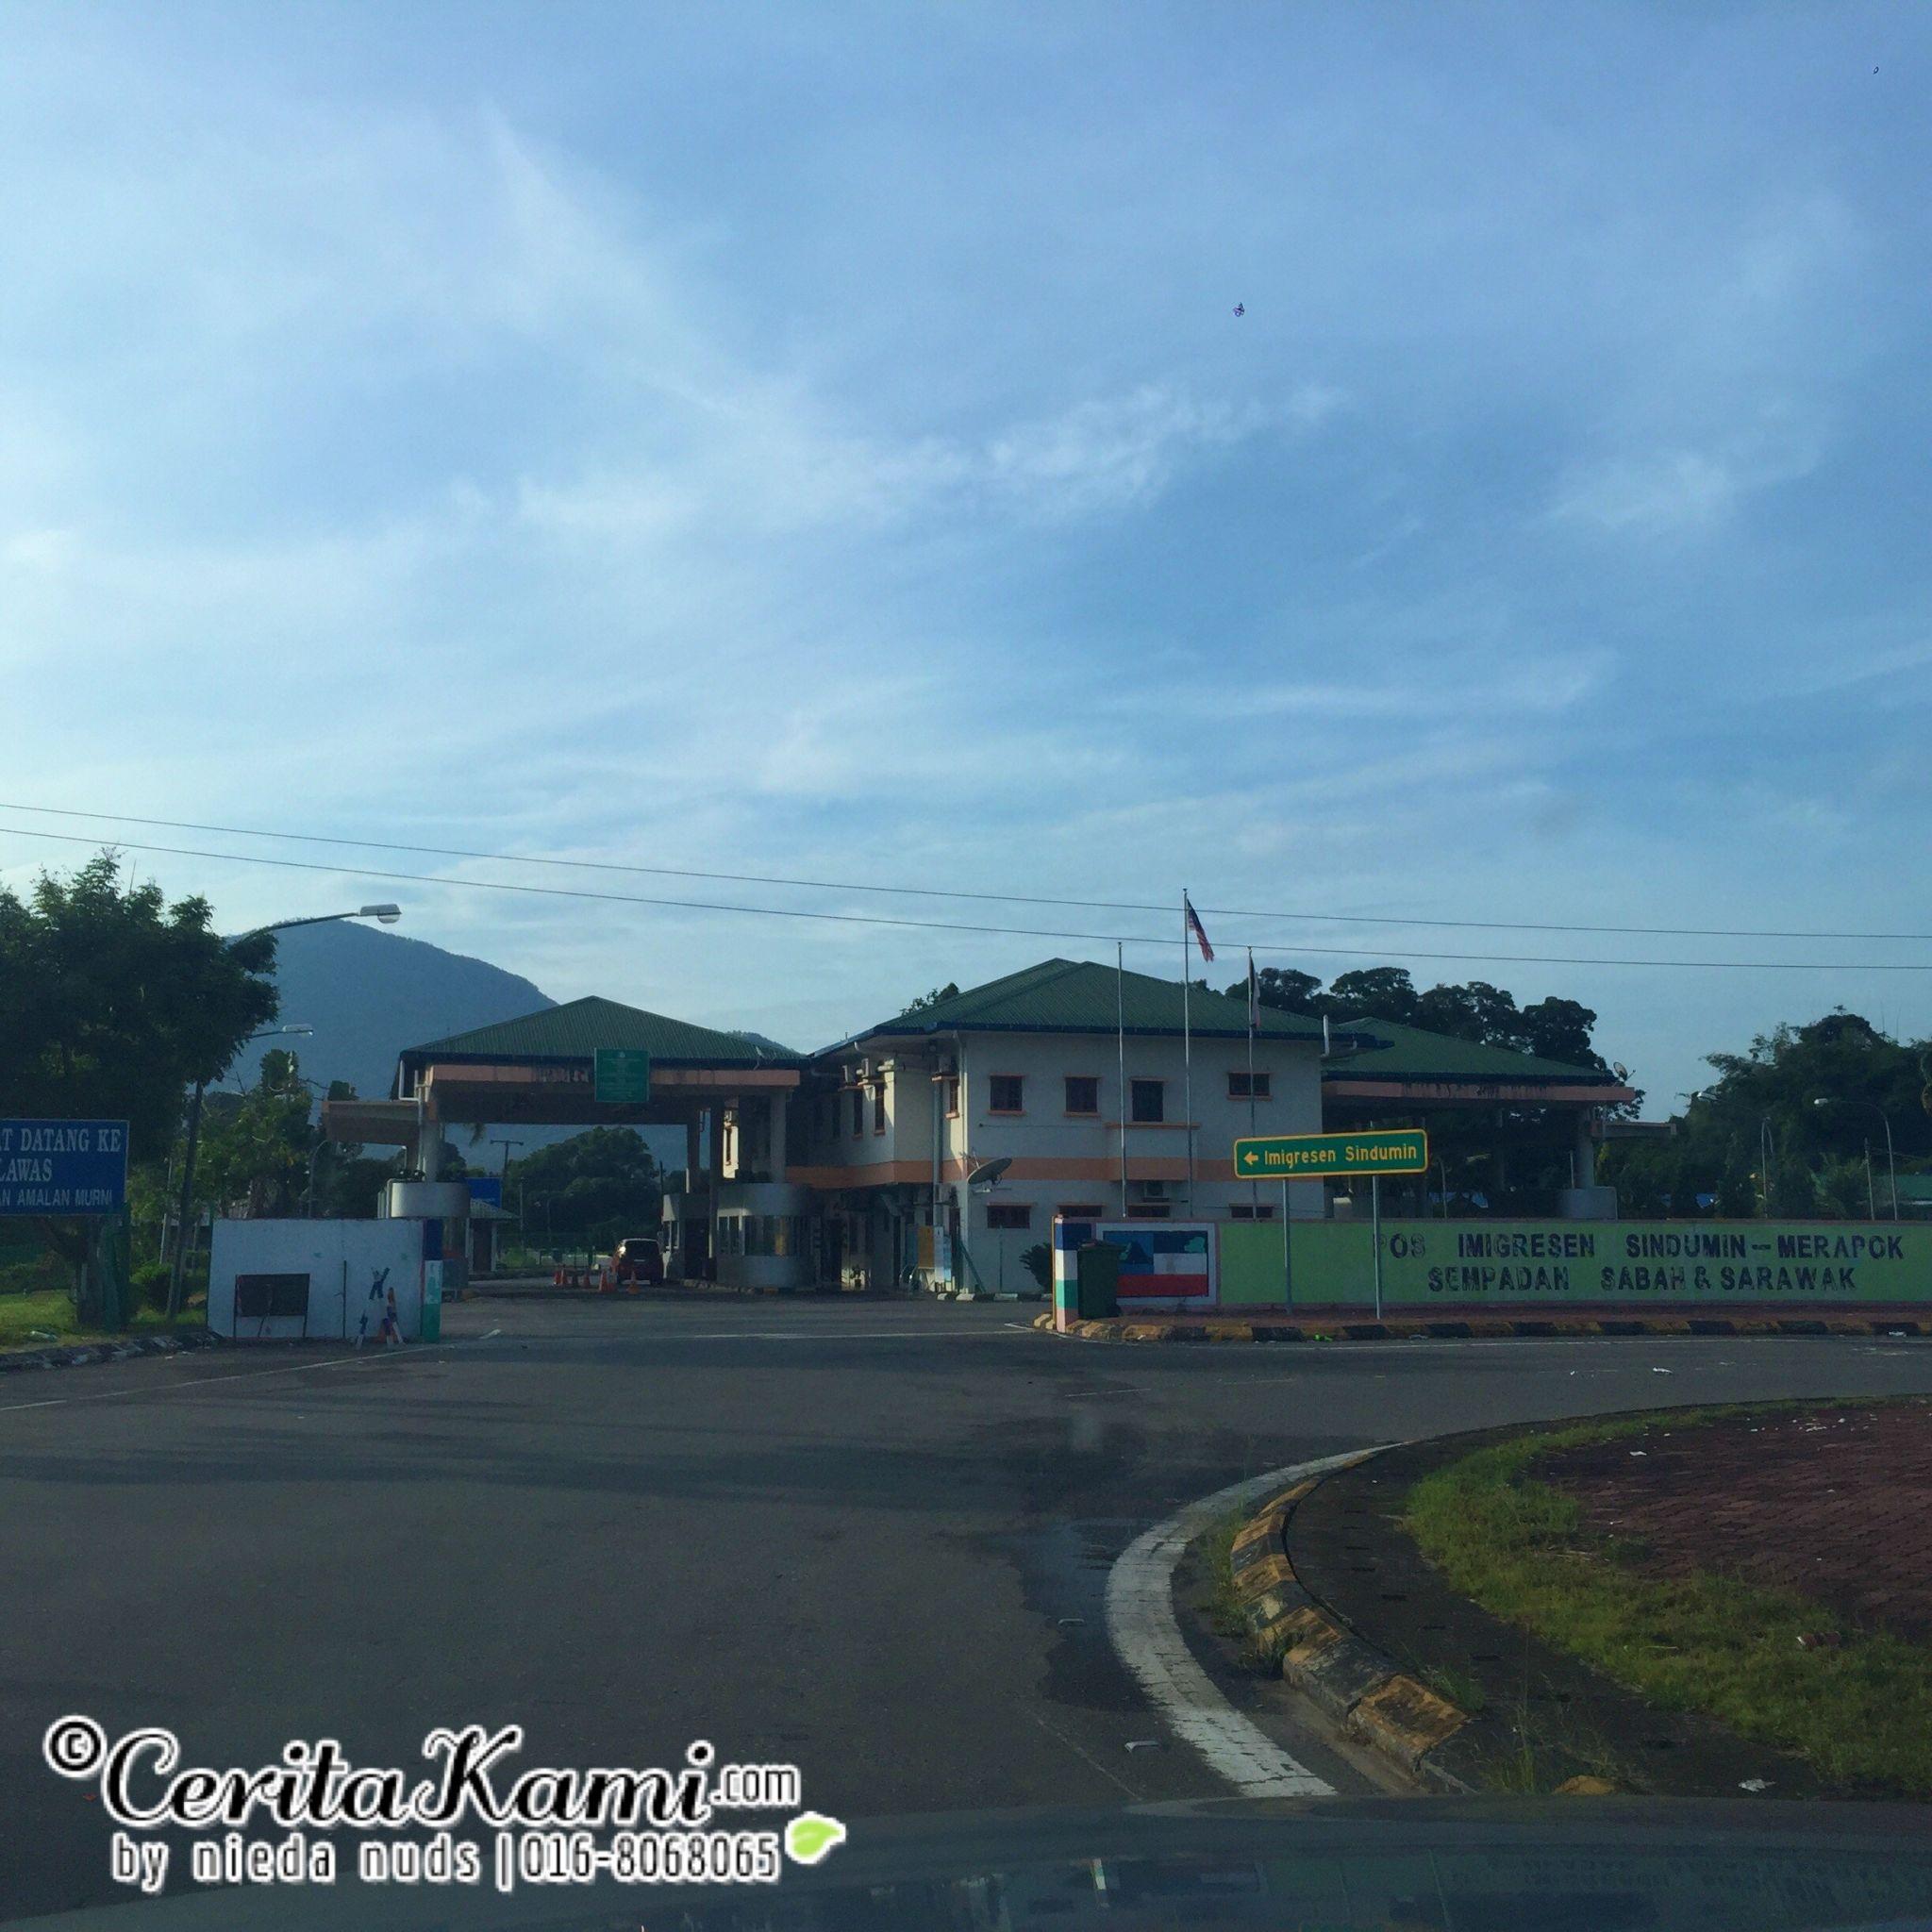 Air Terjun sorinsim Di Sabah Lokasi Yang Terbaik Road Trip Kota Kinabalu Sabah Brunei Kuching Sarawak Of Air Terjun Sorinsim Di Sabah Lokasi Mandi Manda Yang Mempersonakan Untuk Mandi-manda